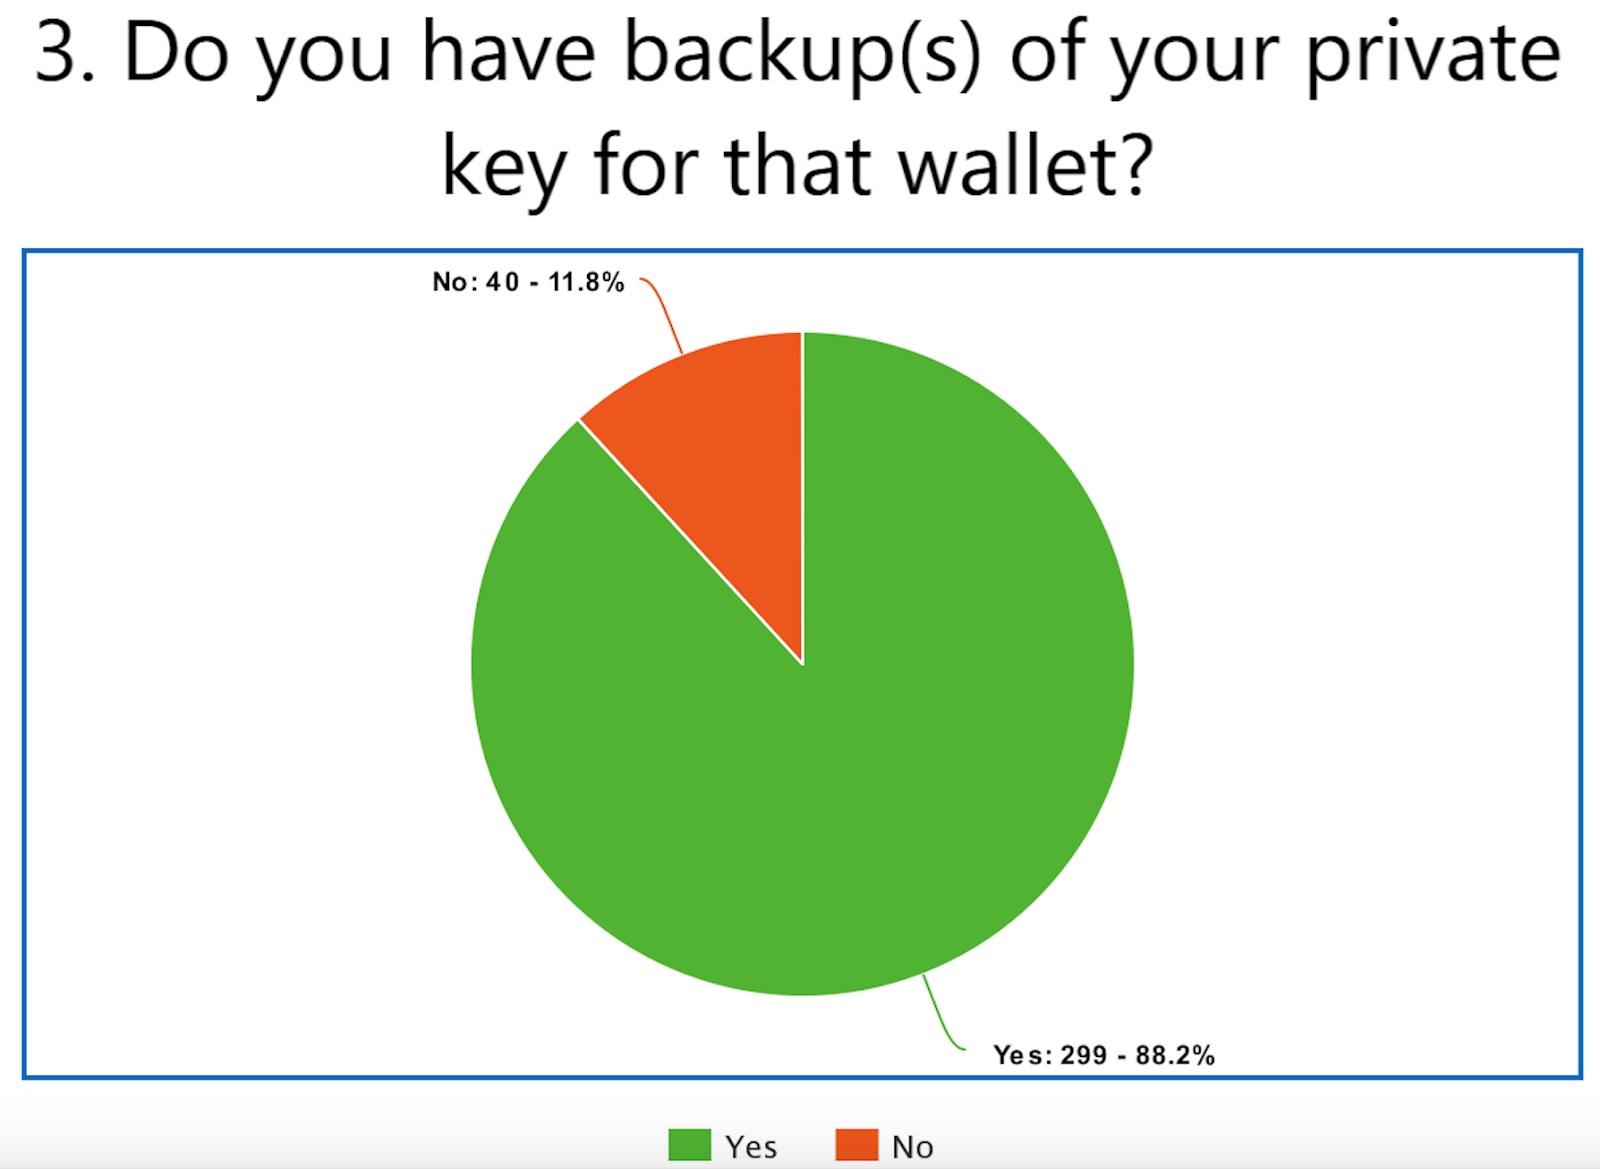 Опрос показал, что почти половина биткоин-ходлеров используют аппаратные кошельки